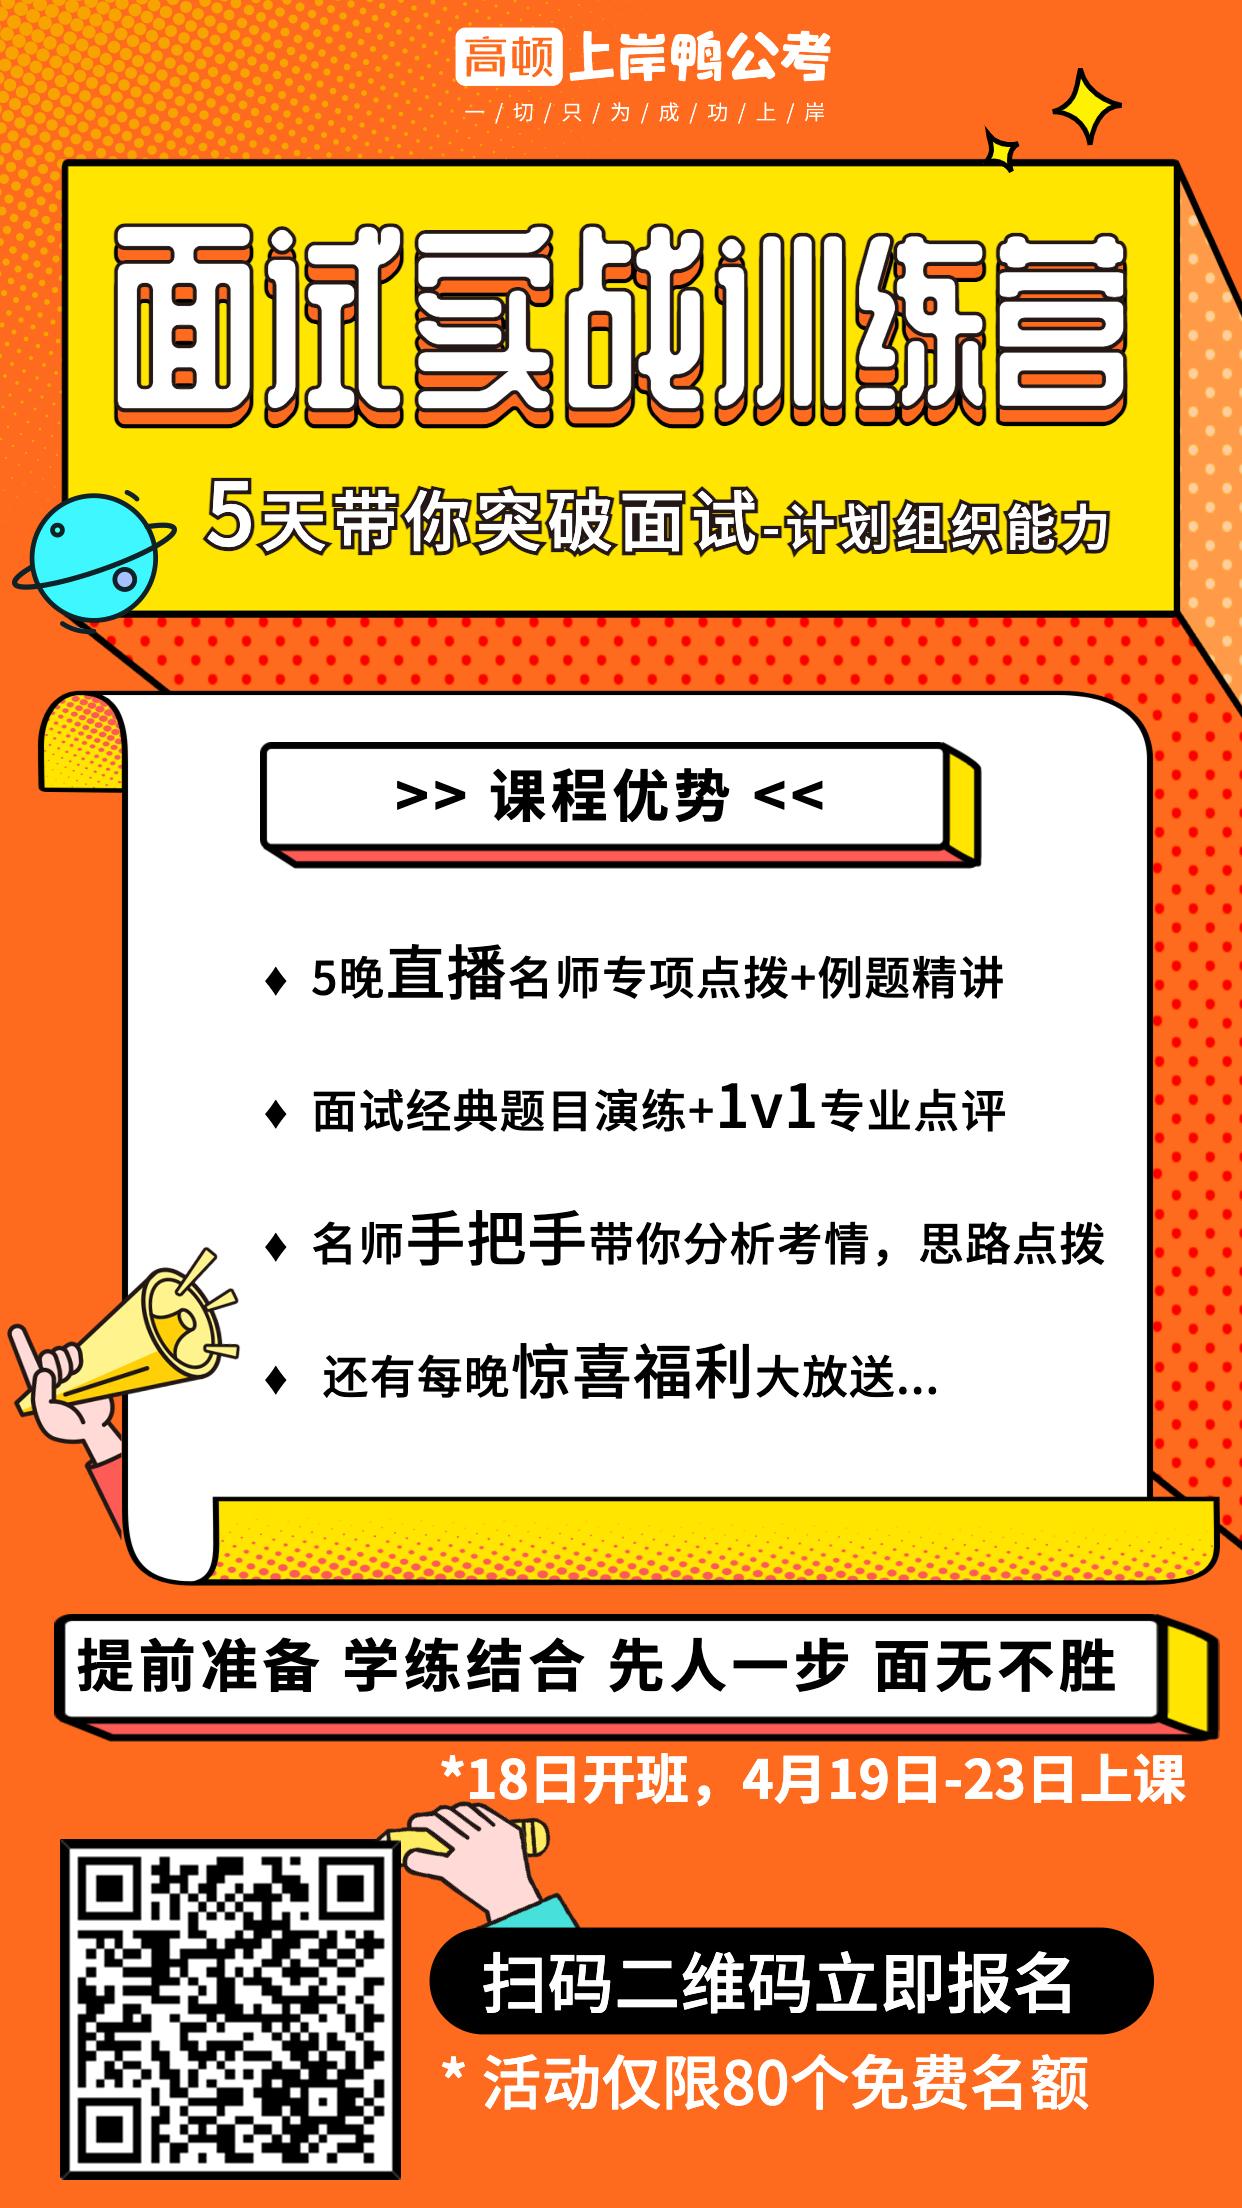 面试刷题营02期-网络营销版(3)_副本.jpg